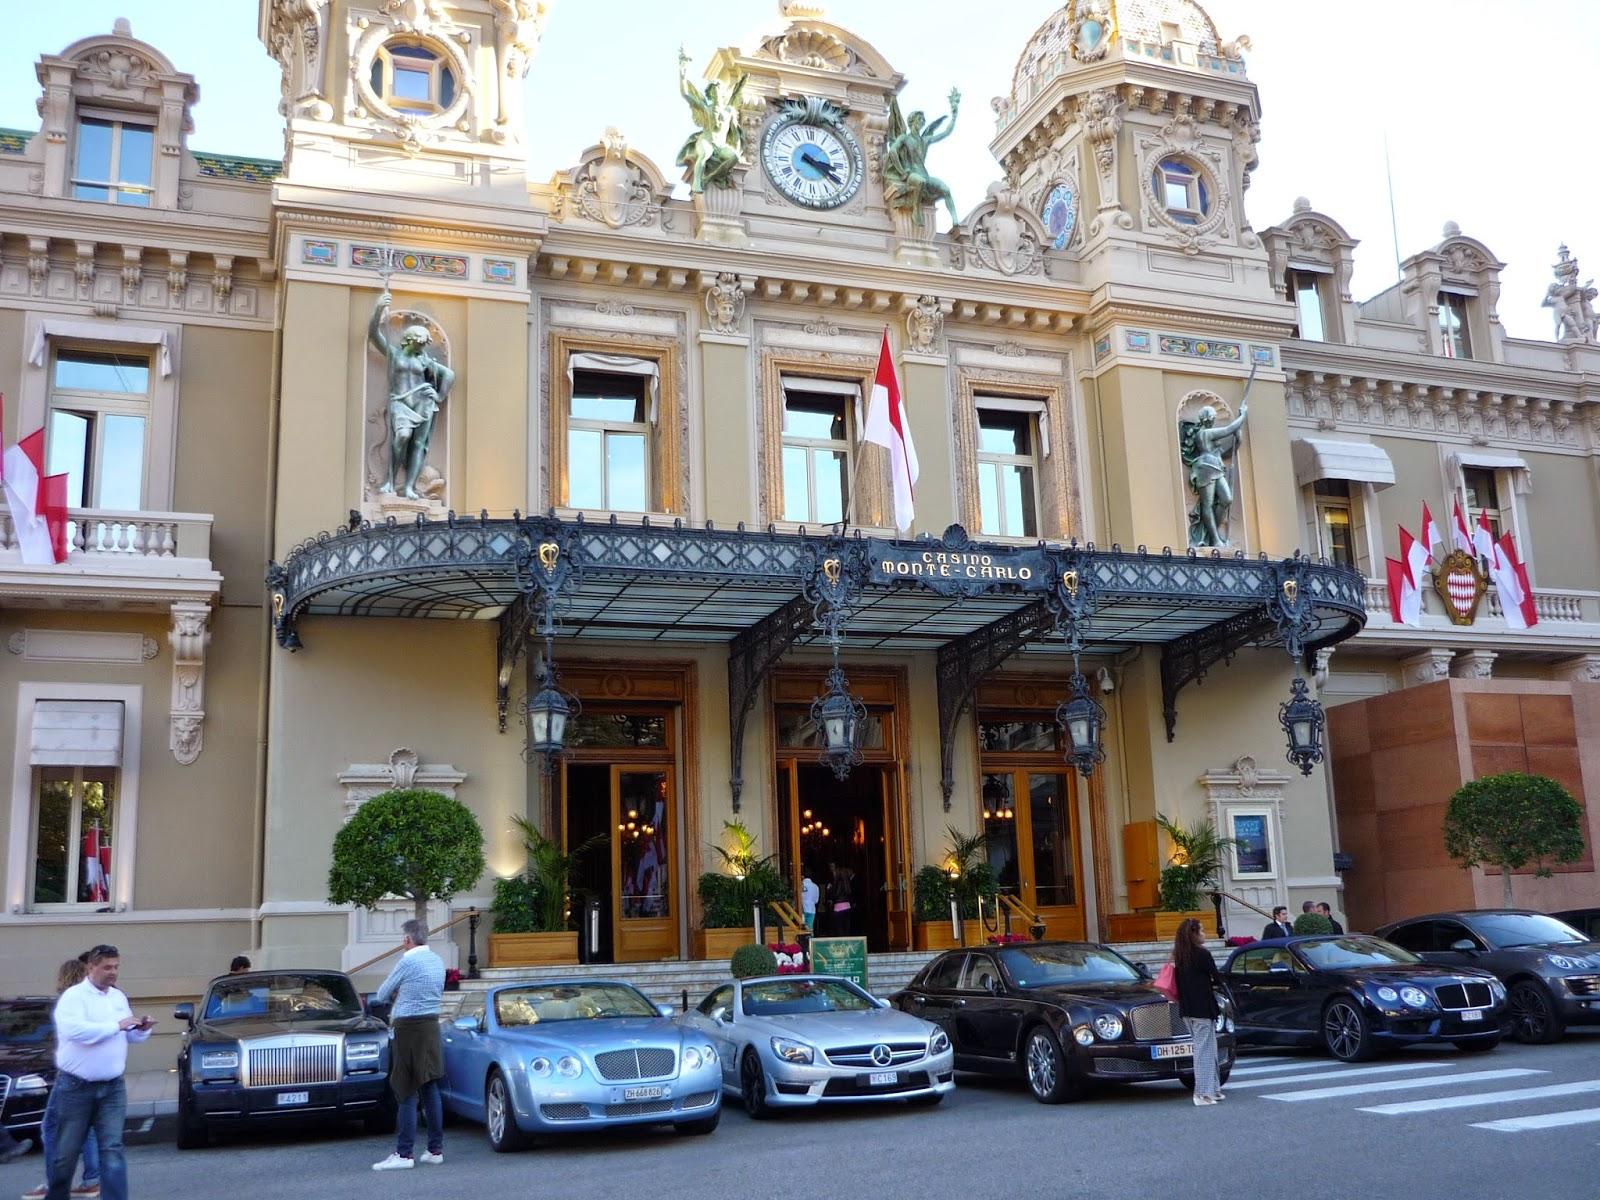 Casino Monter Carlo Monaco